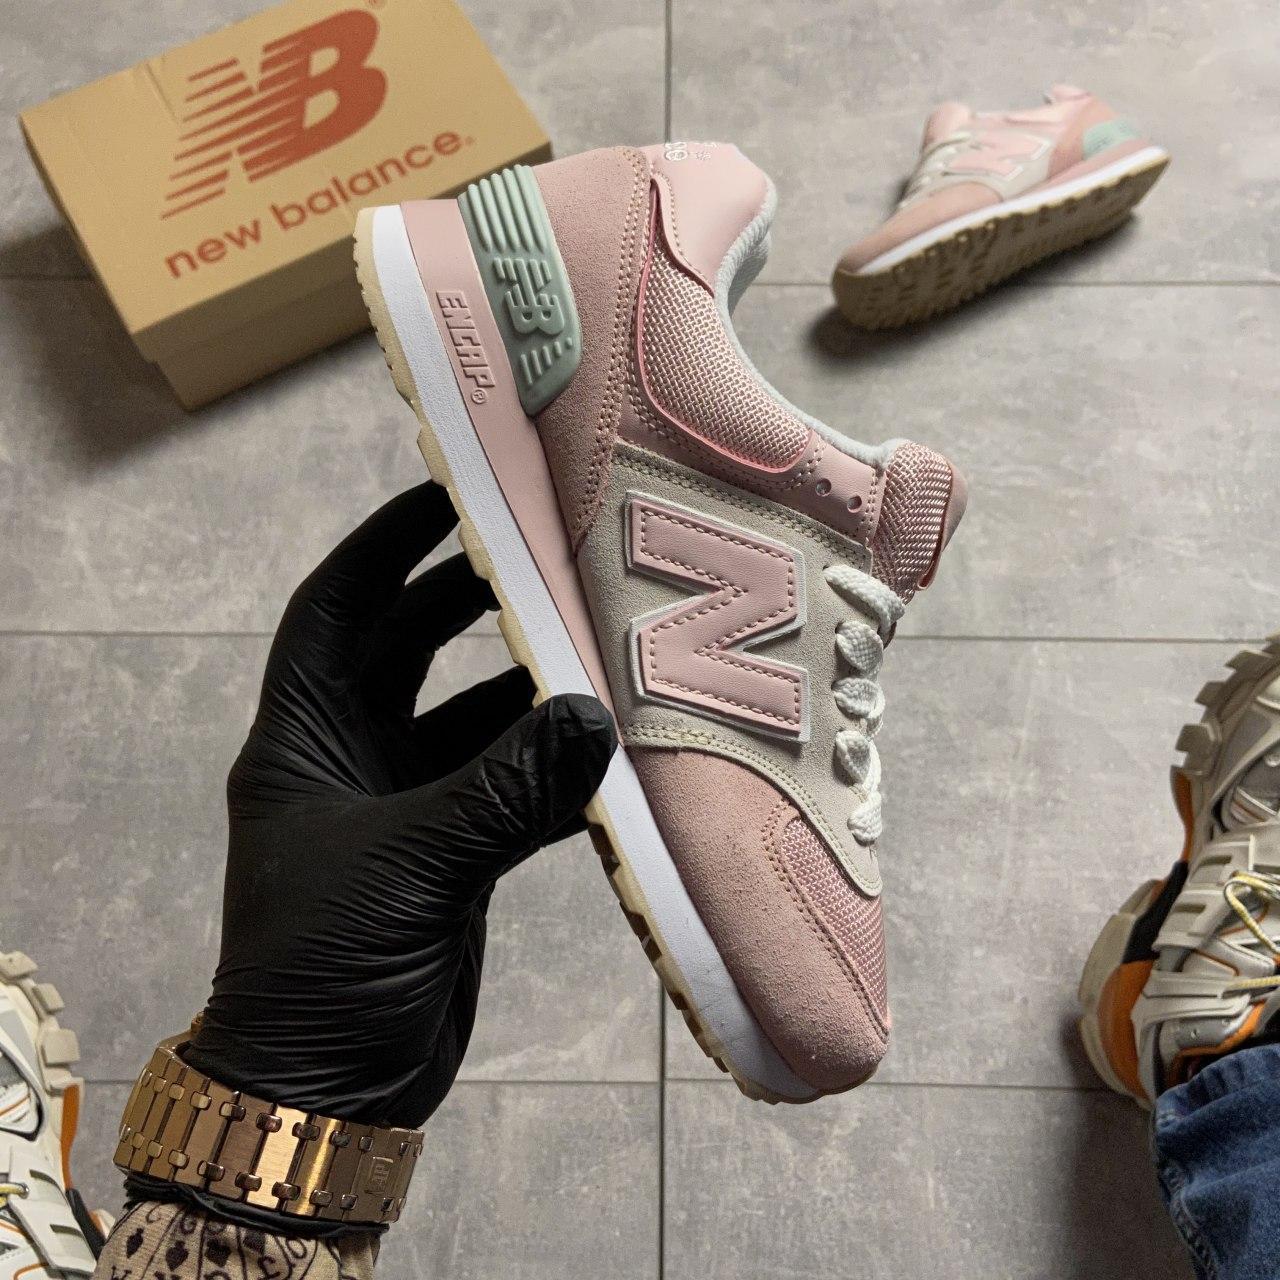 🔥 Кроссовки New Balance 574 Pink Suede Розовый 🔥 Нью Бэланс 🔥 Нью Беленс женские кроссовки🔥